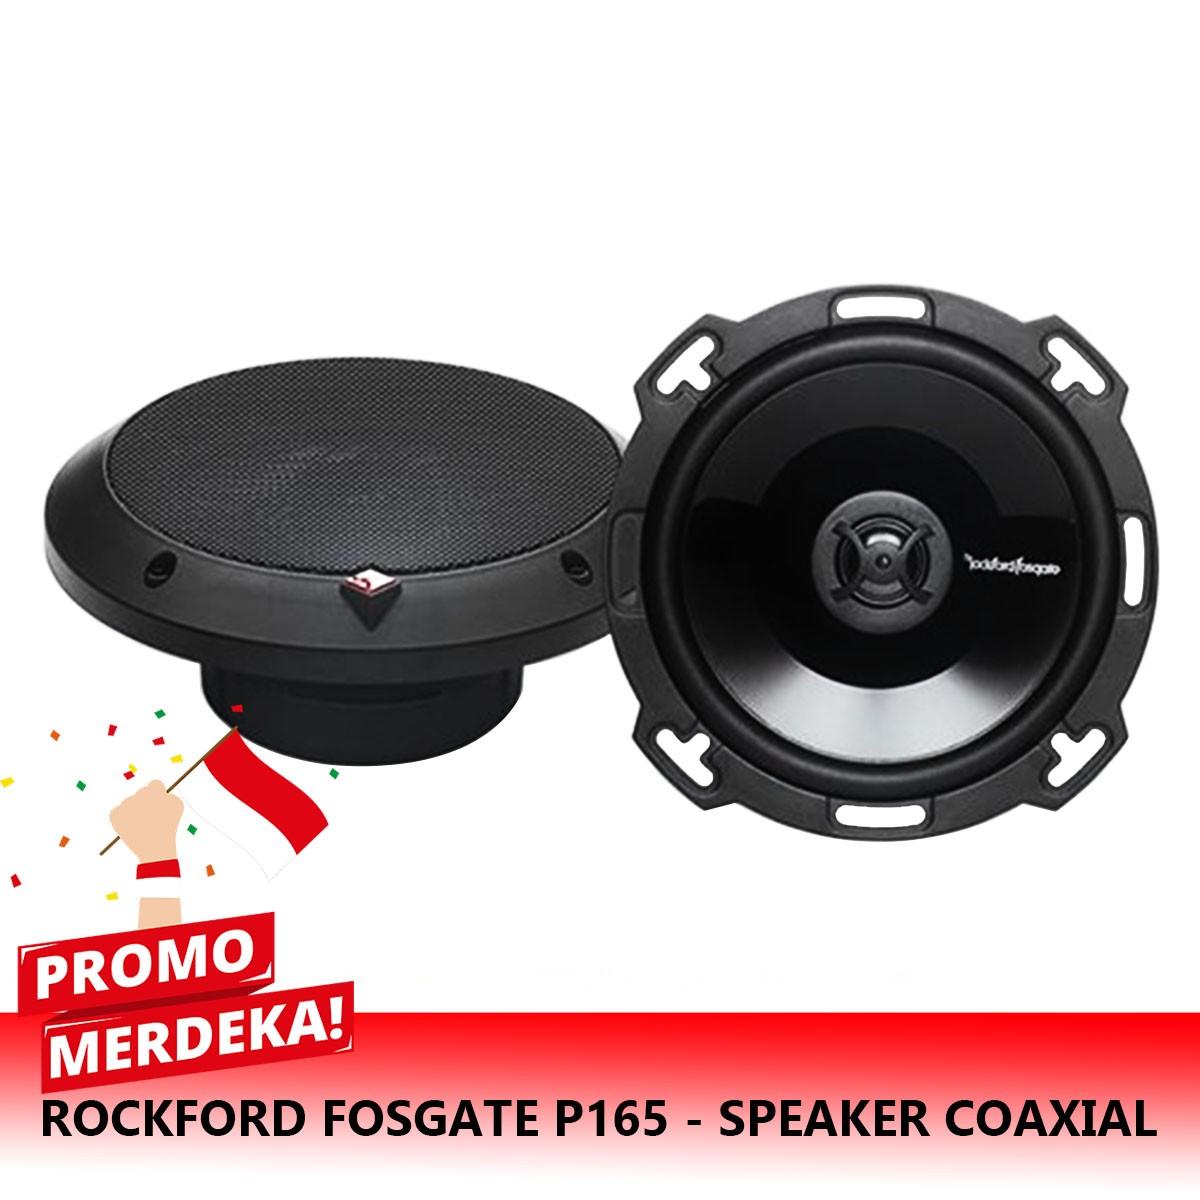 MERDEKA | SPECIAL ROCKFORD FOSGATE P165 - SPEAKER COAXIAL